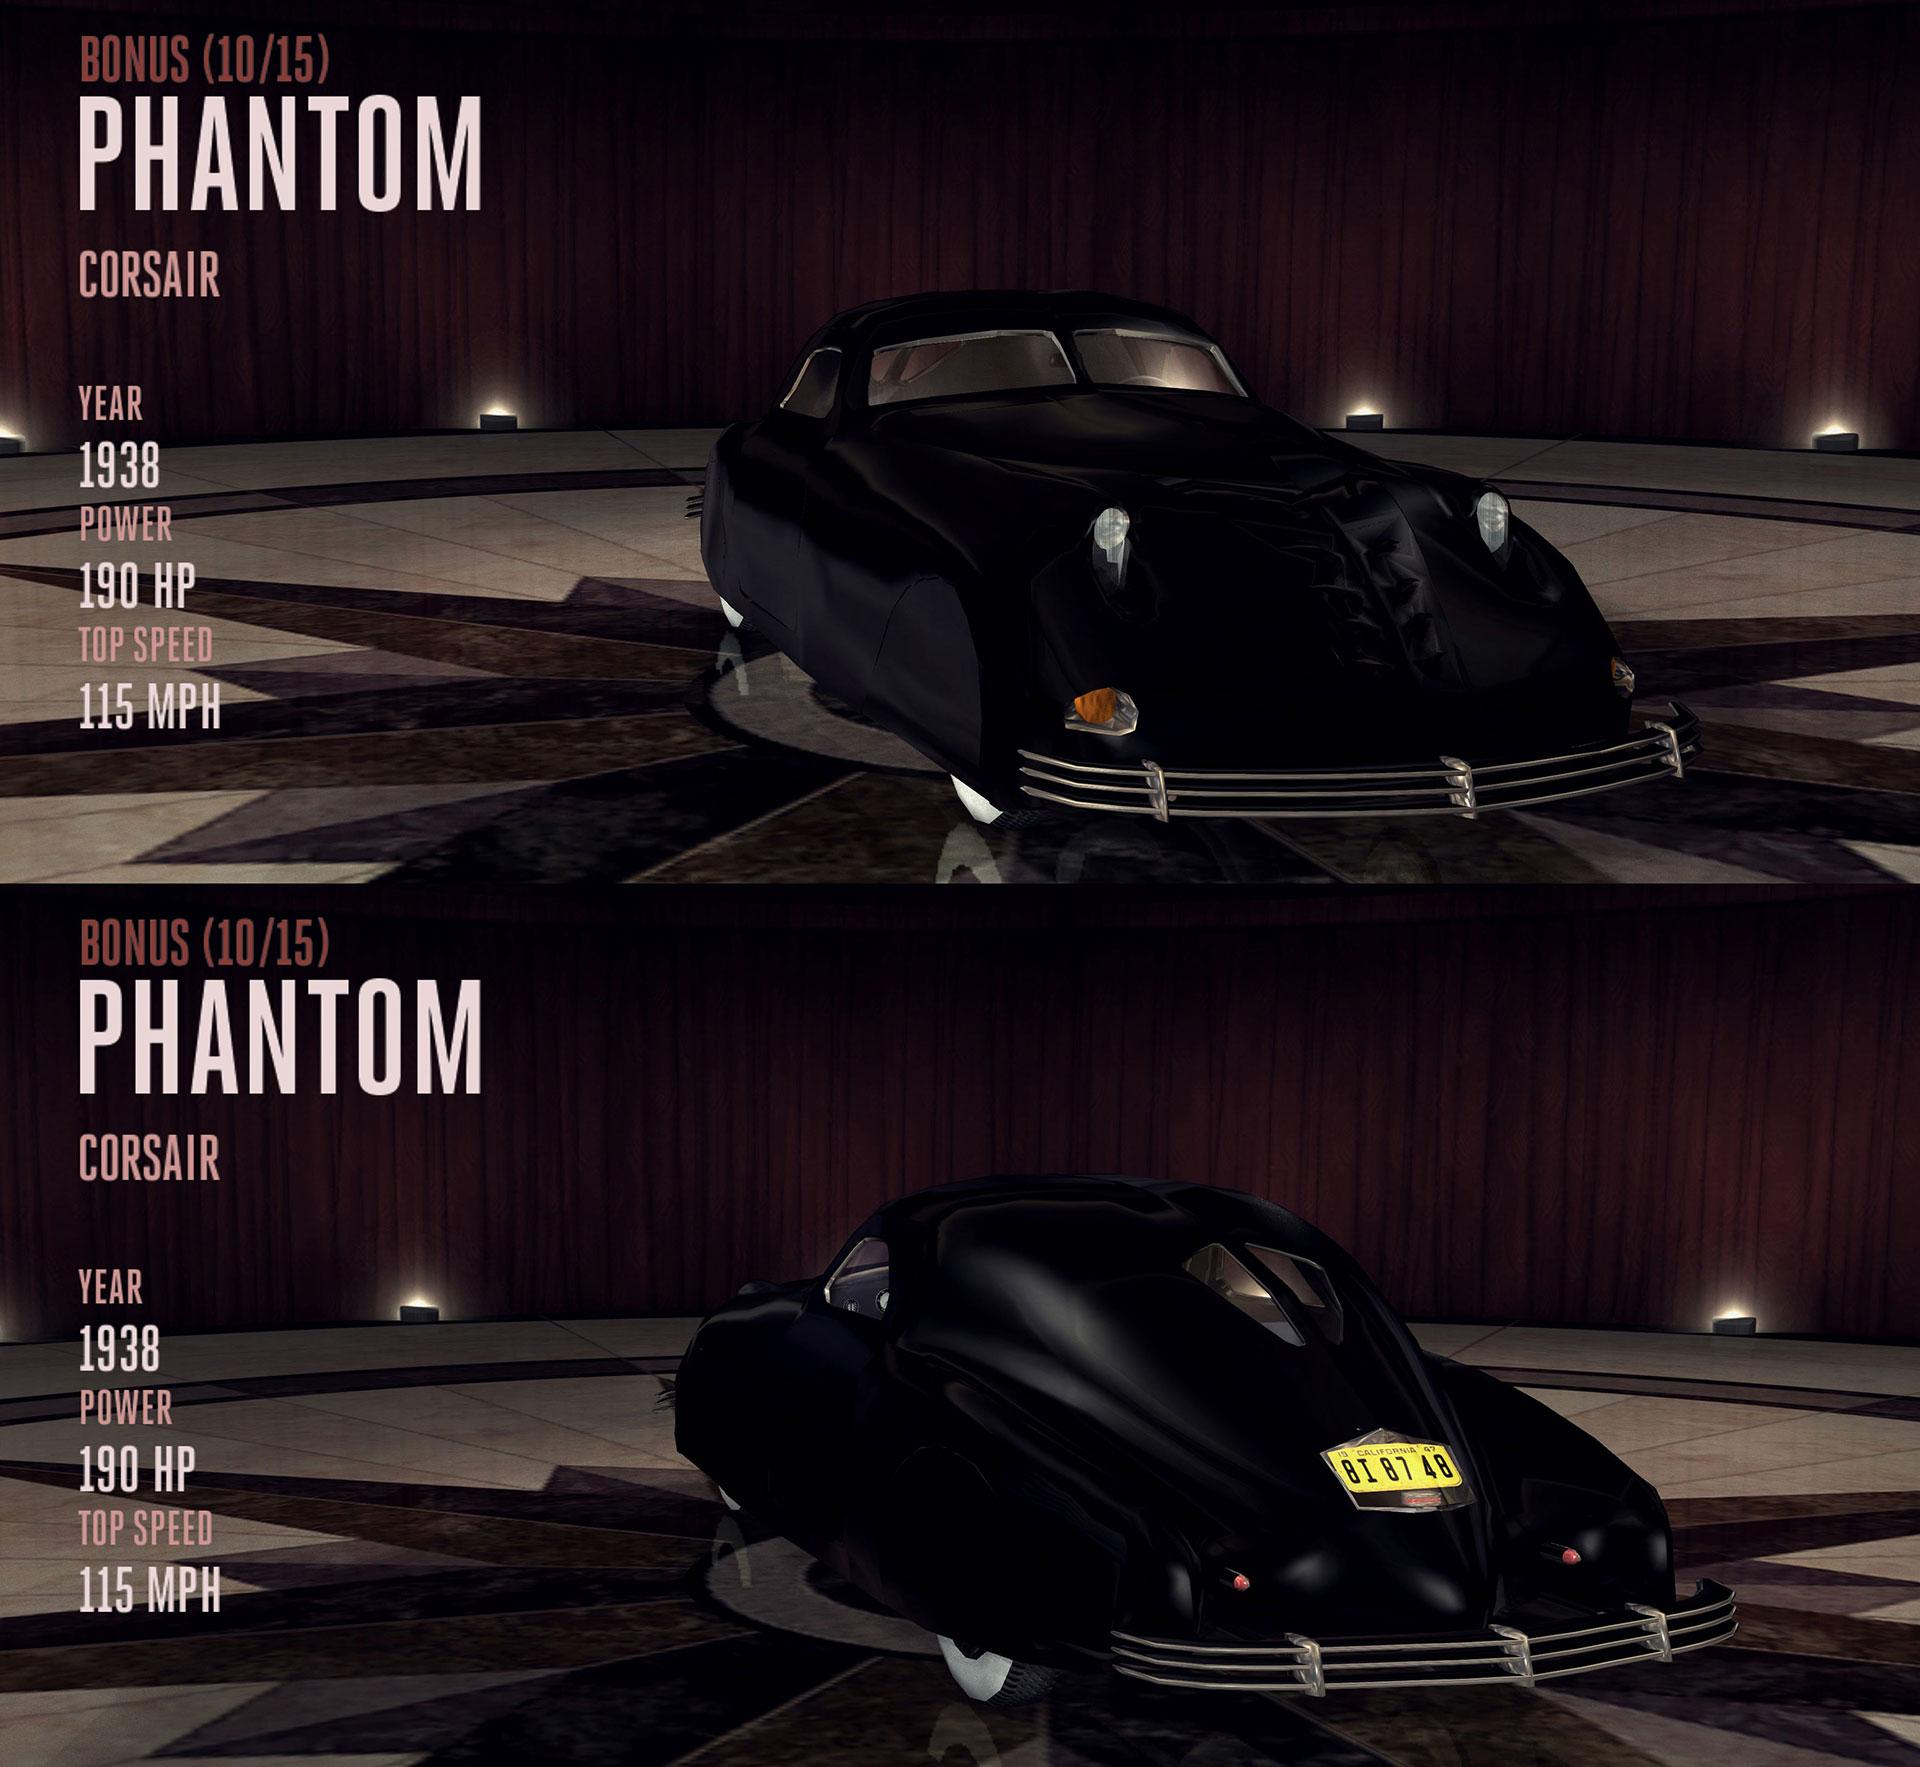 Phantom Corsair